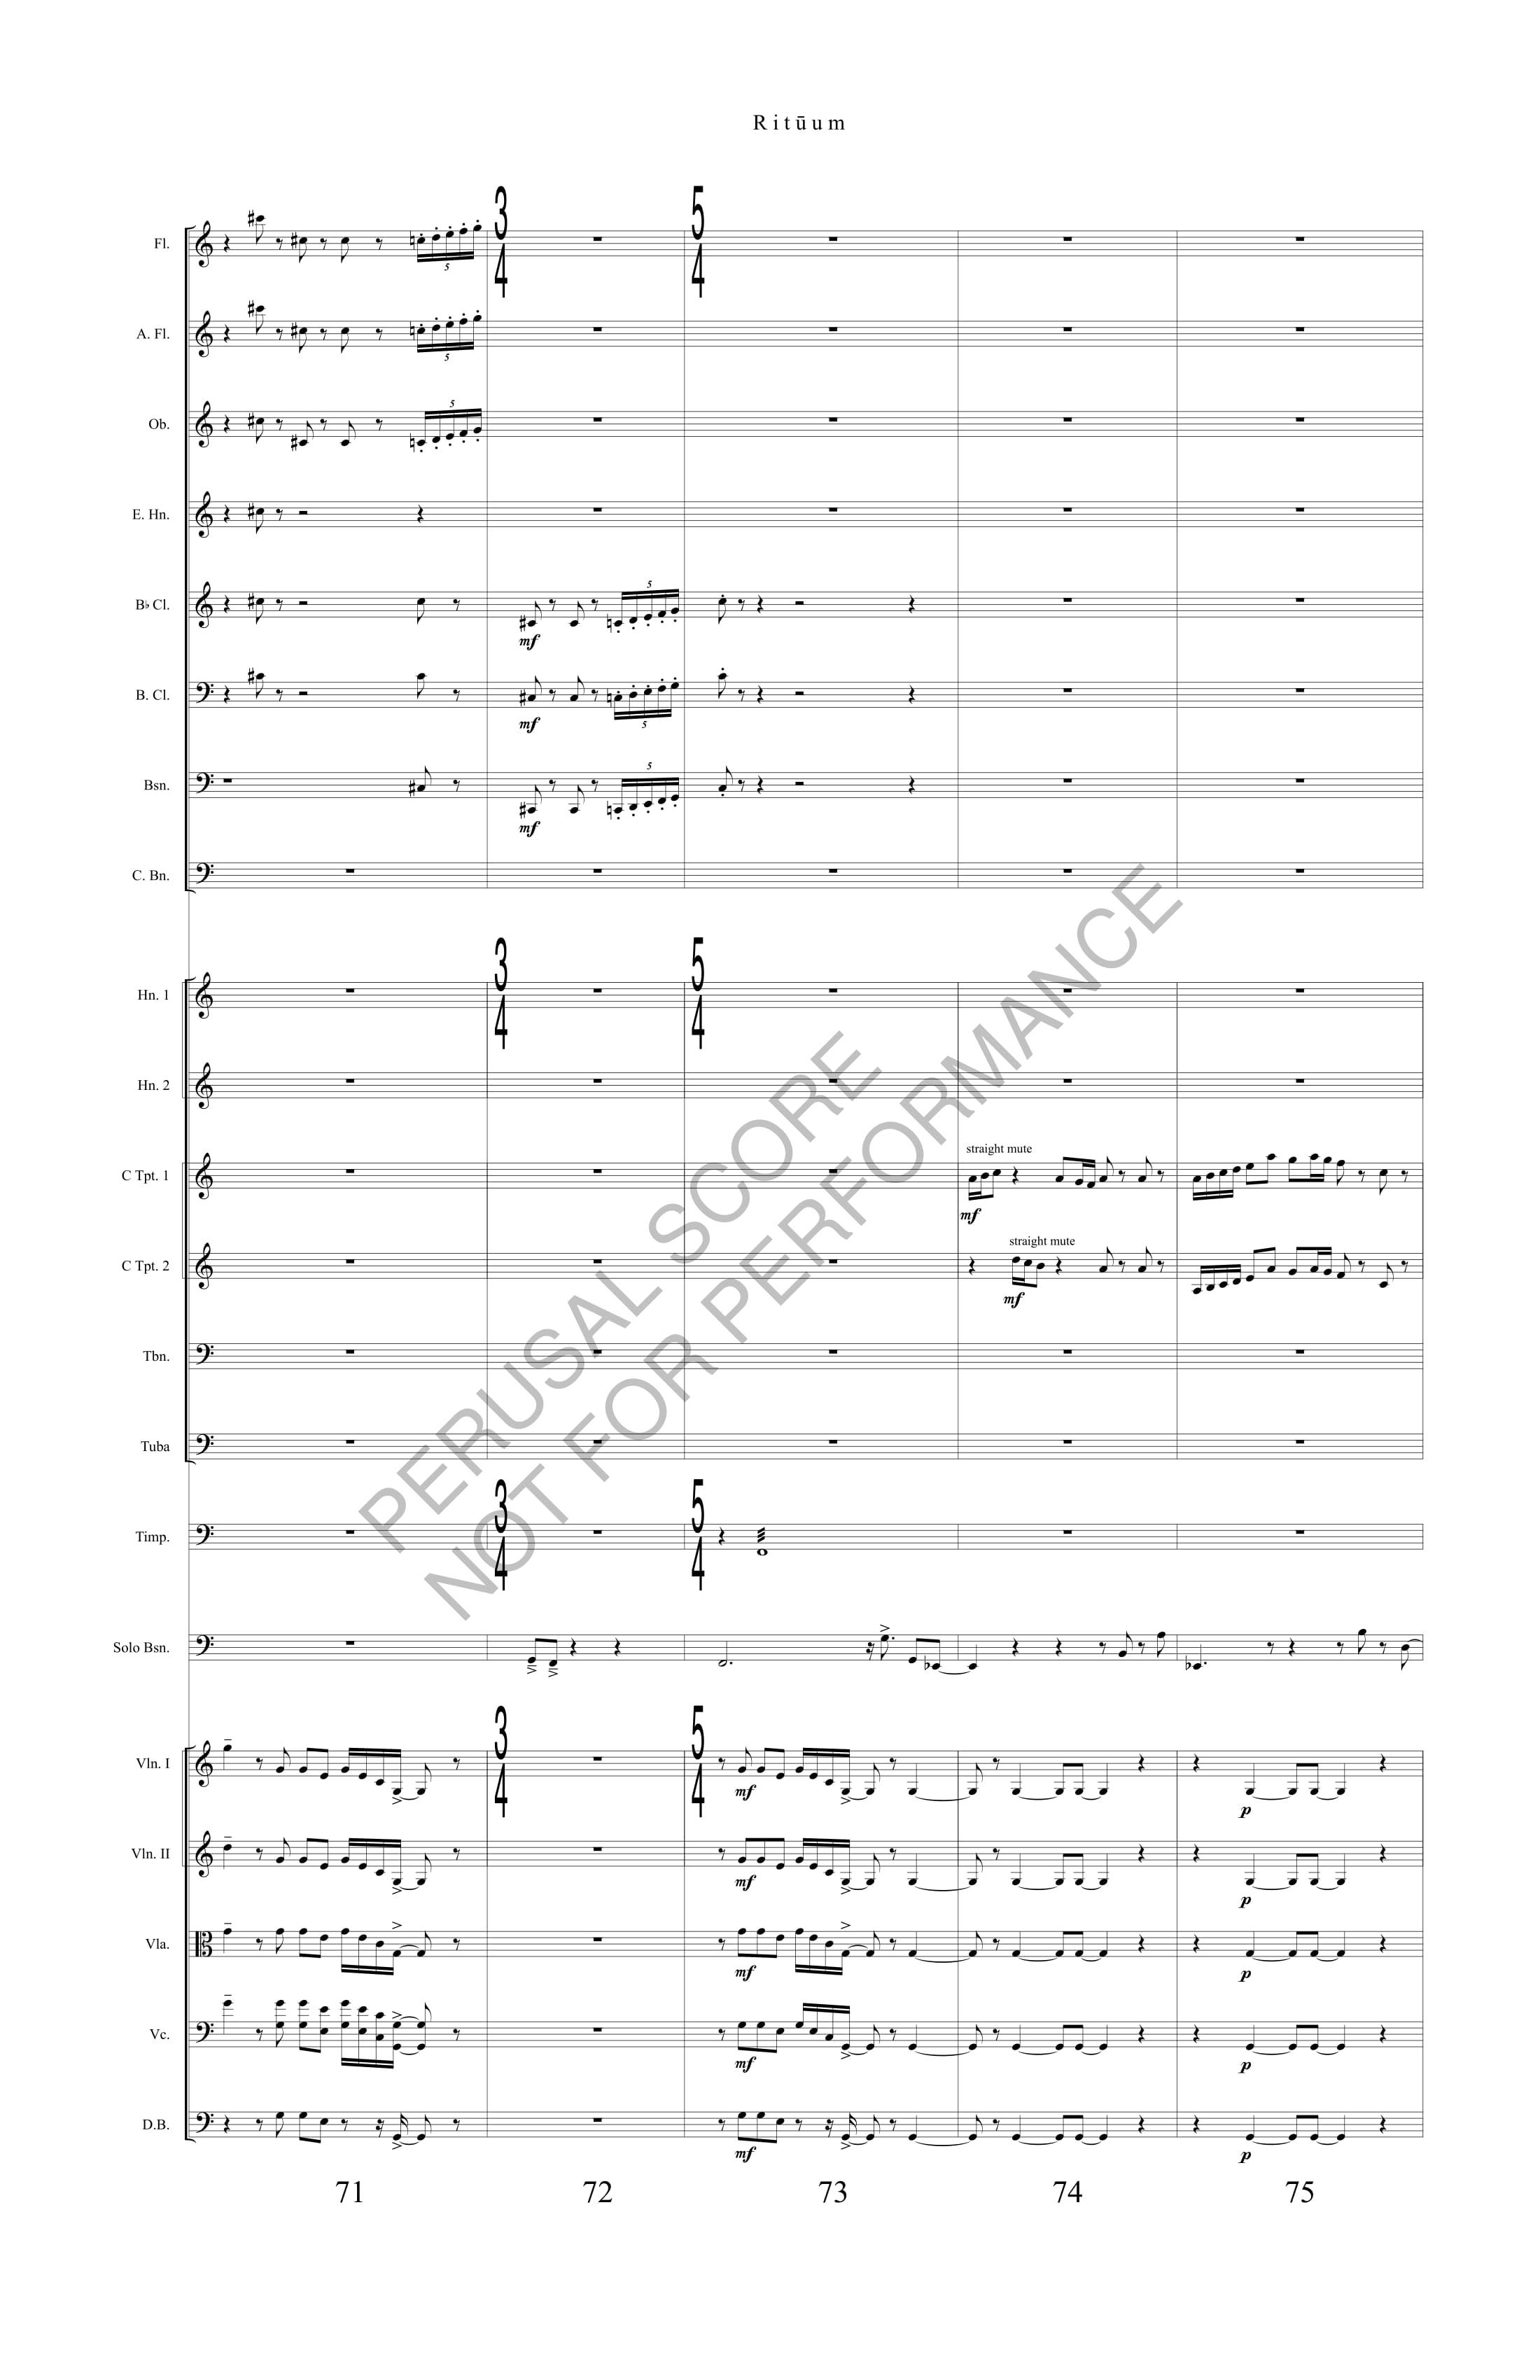 Boyd Rituum Score-watermark (1)-21.jpg